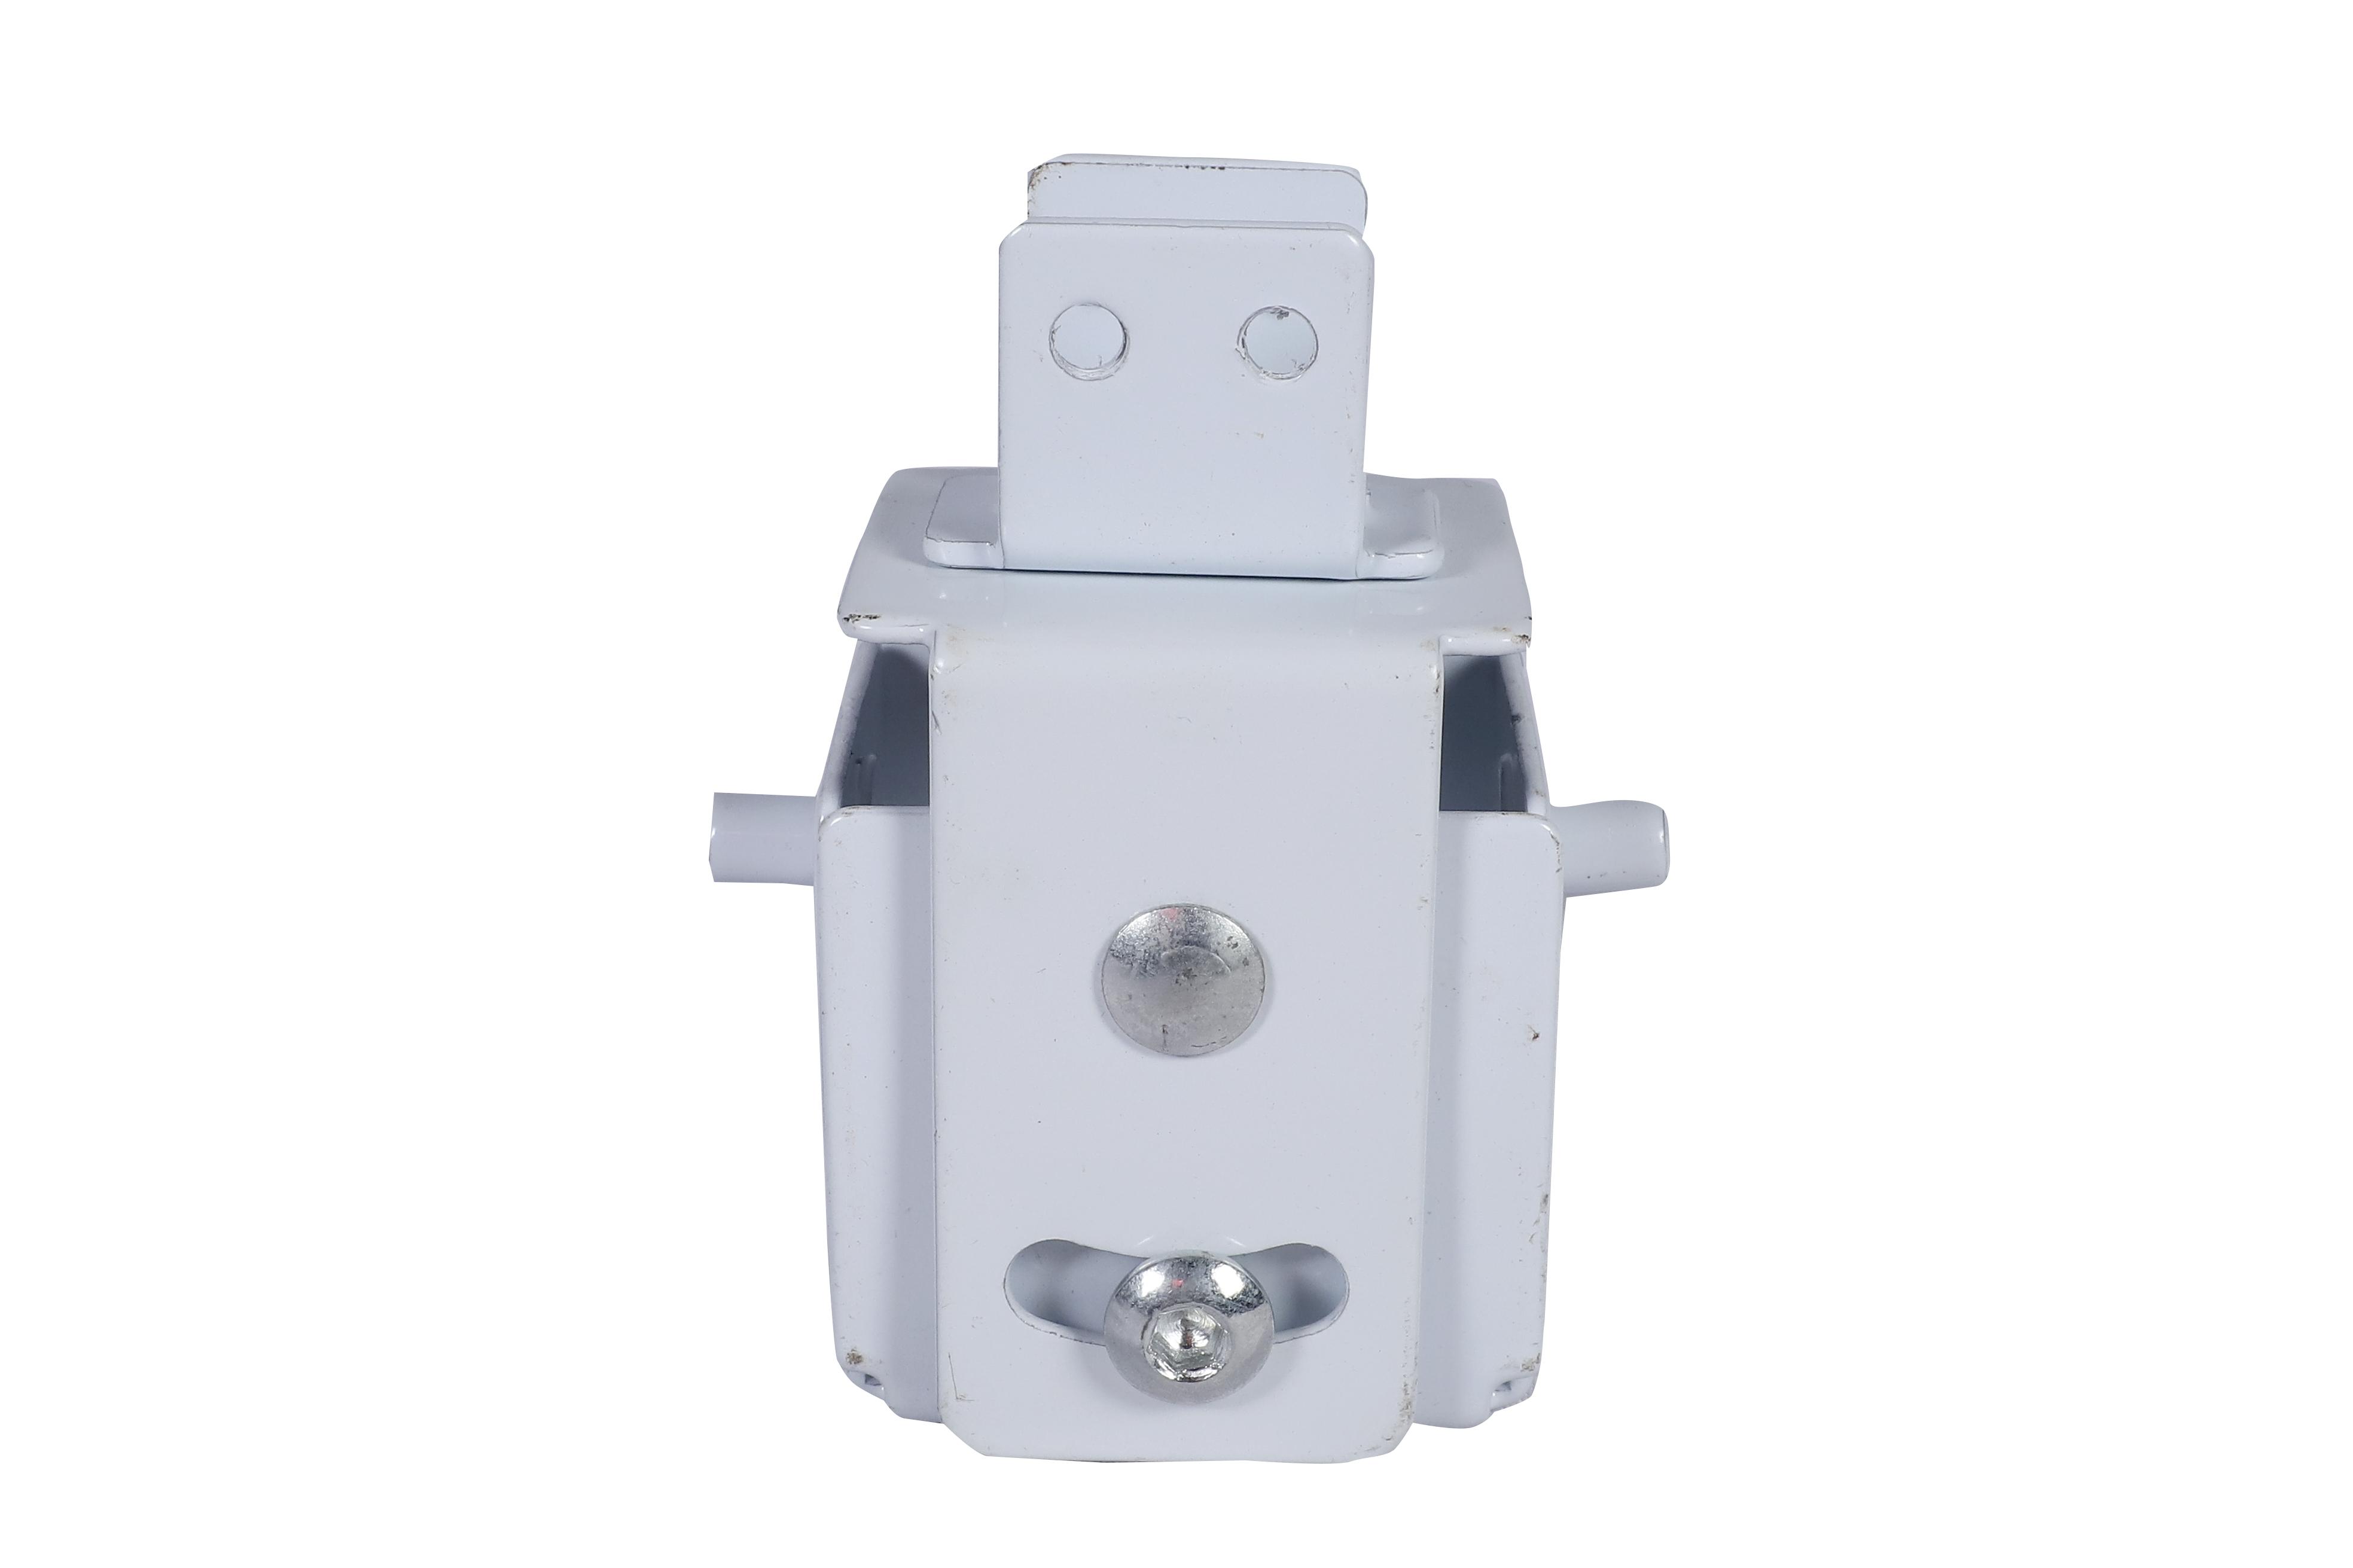 Giá treo máy chiếu đa năng nhôm 60cm - Hàng nhập khẩu